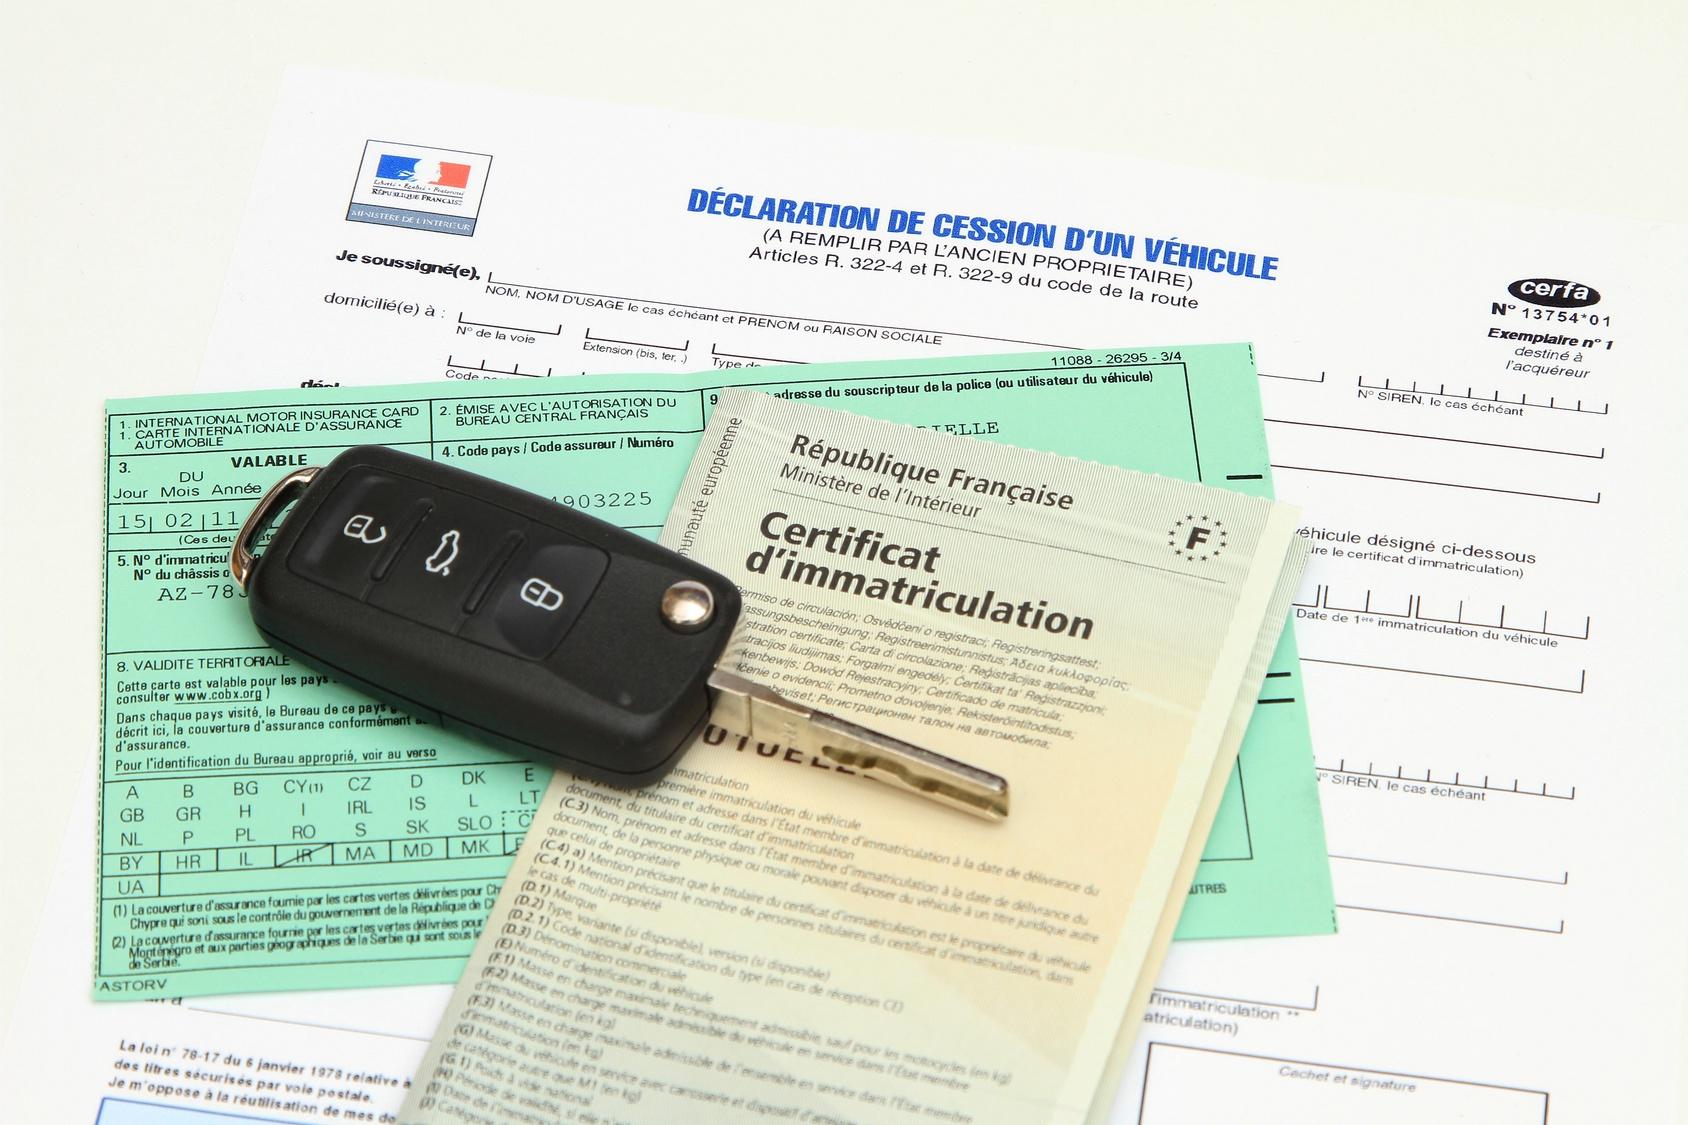 Les papiers pour l'achat d'un véhicule d'occasion